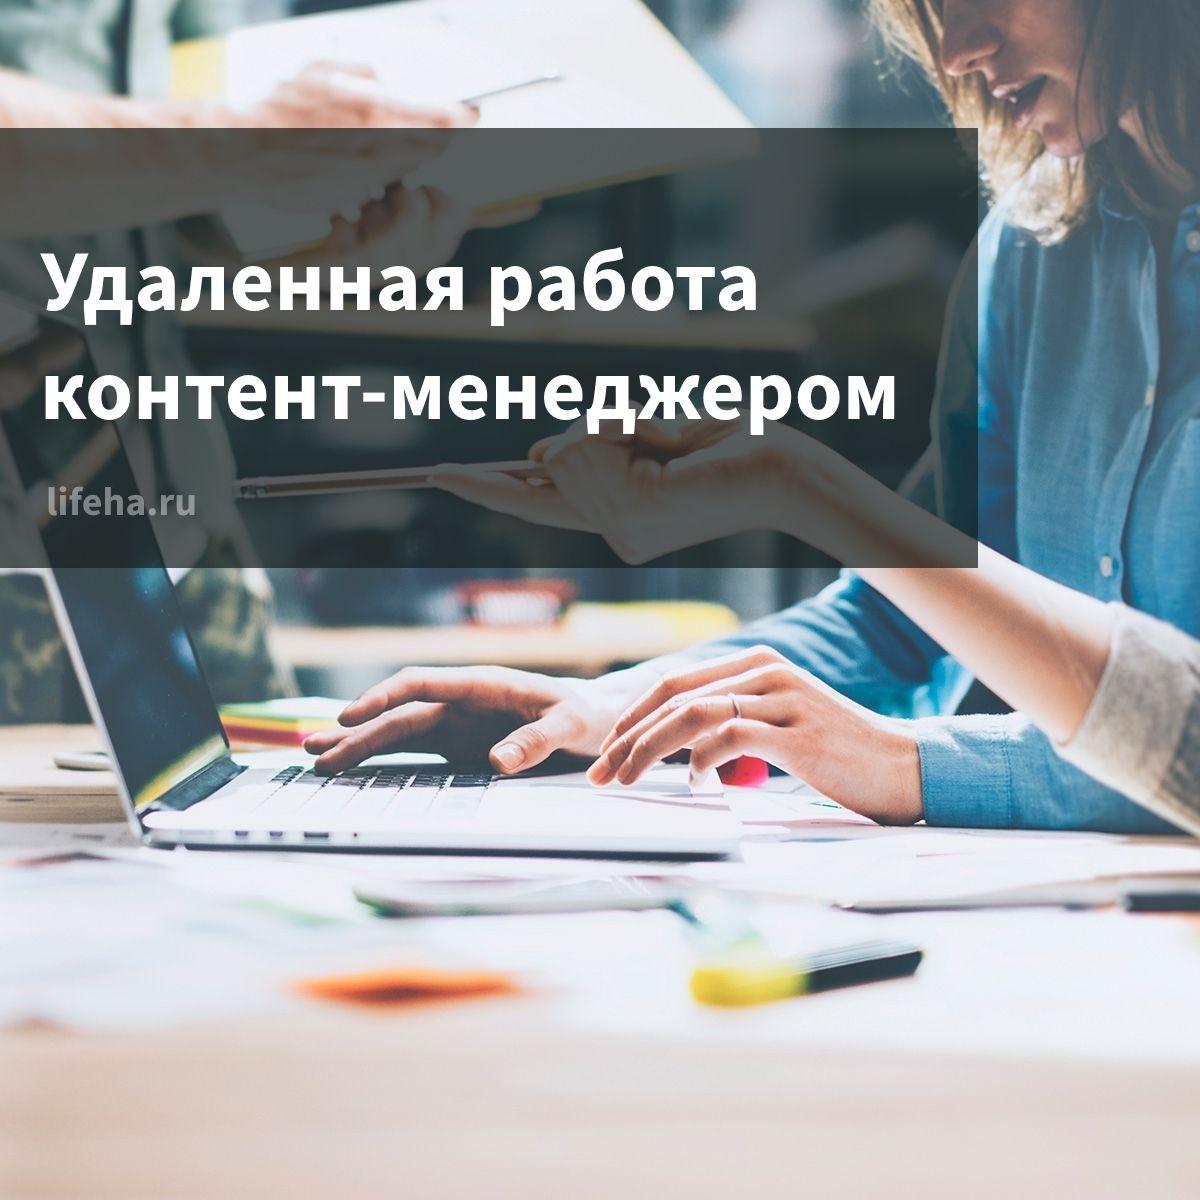 Вакансии по удаленной работе контент-менеджер freelancer в россии